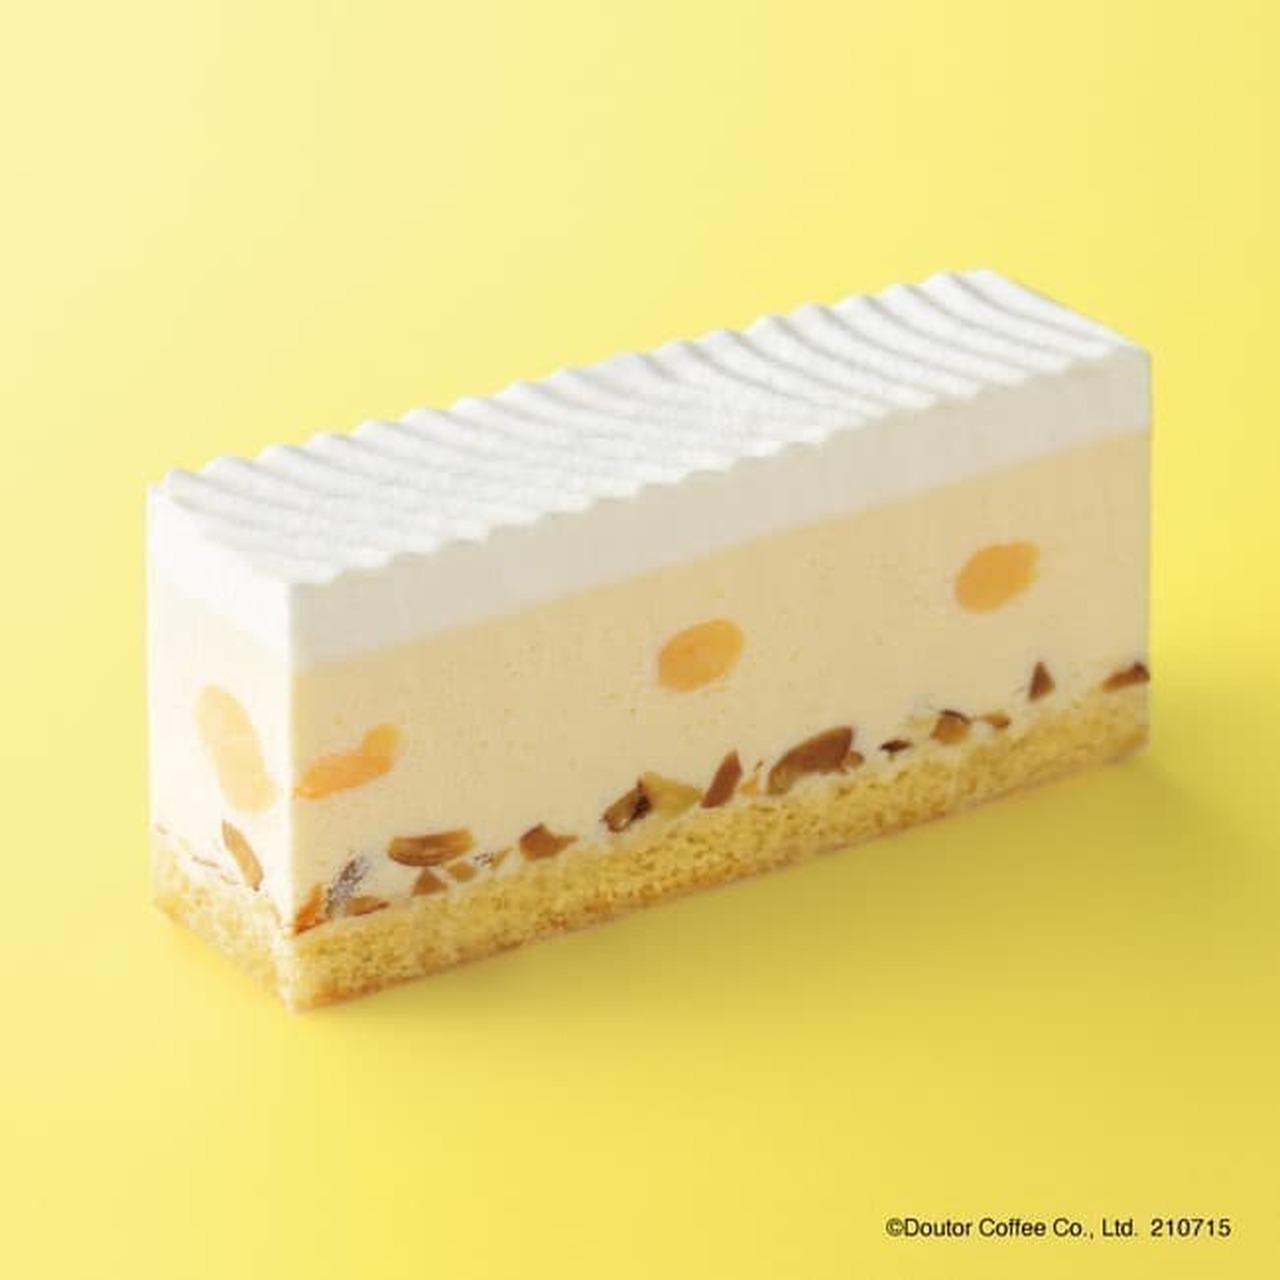 エクセルシオール カフェ「糖質50%オフ レアチーズケーキ」